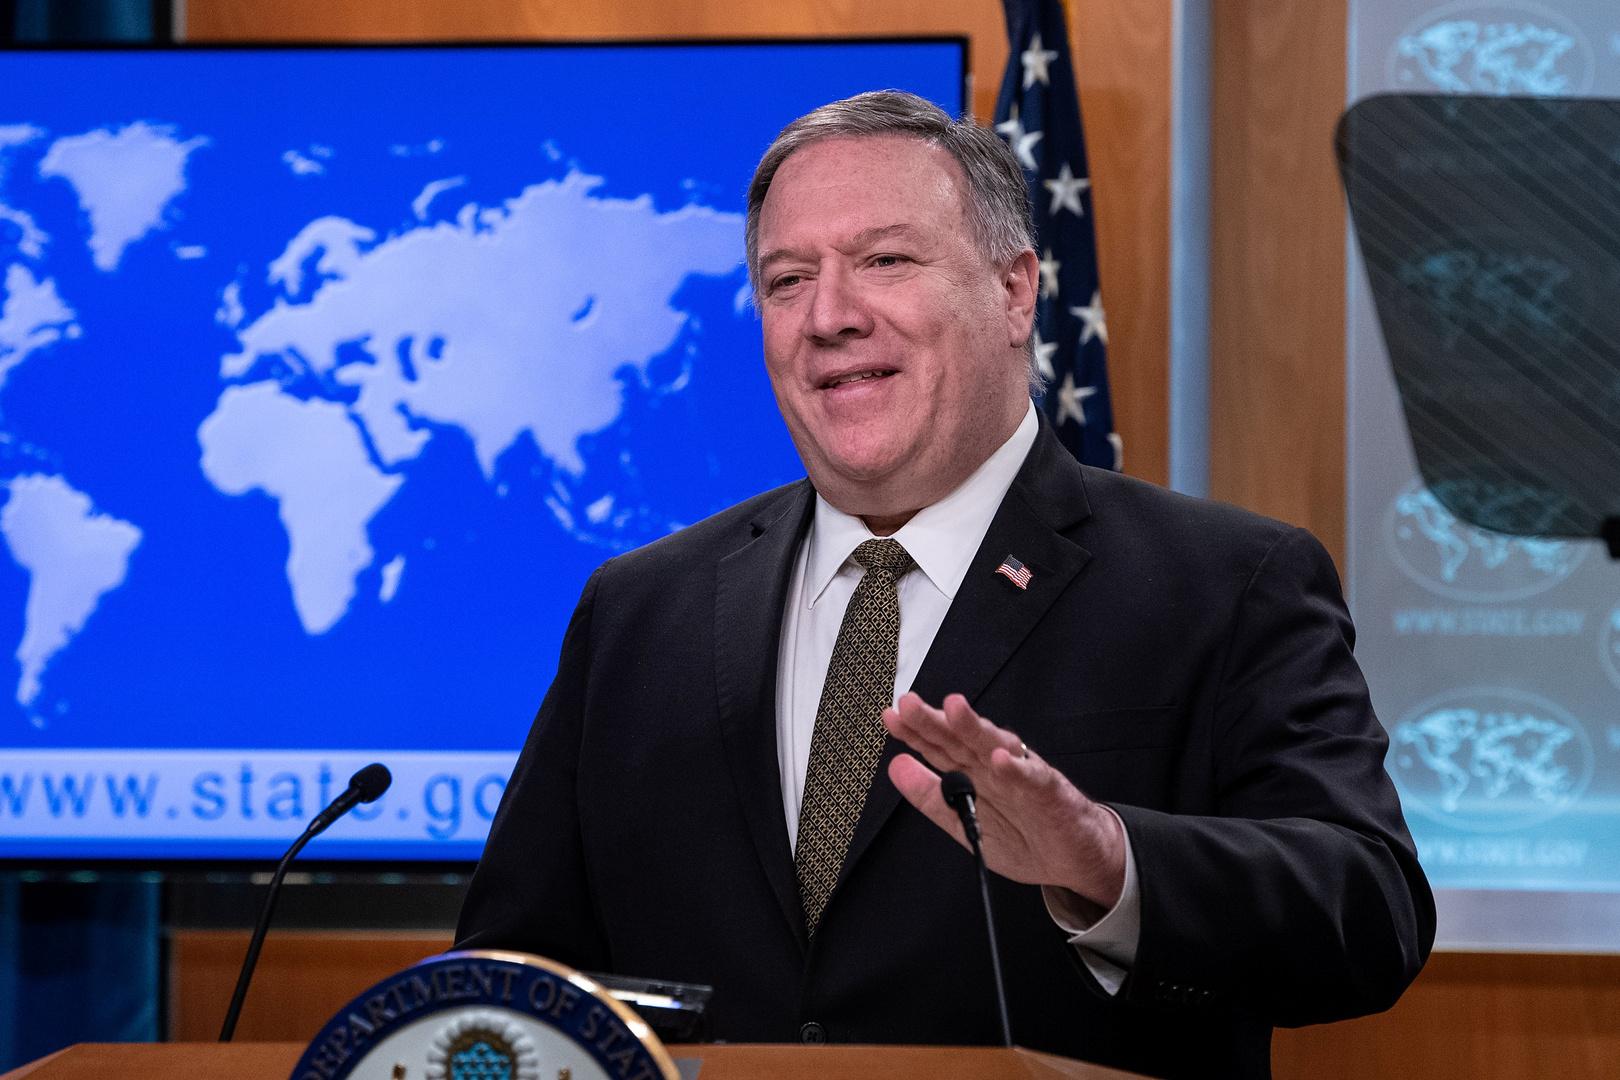 الولايات المتحدة مستعدة لدعم تونس في كافة المجالات